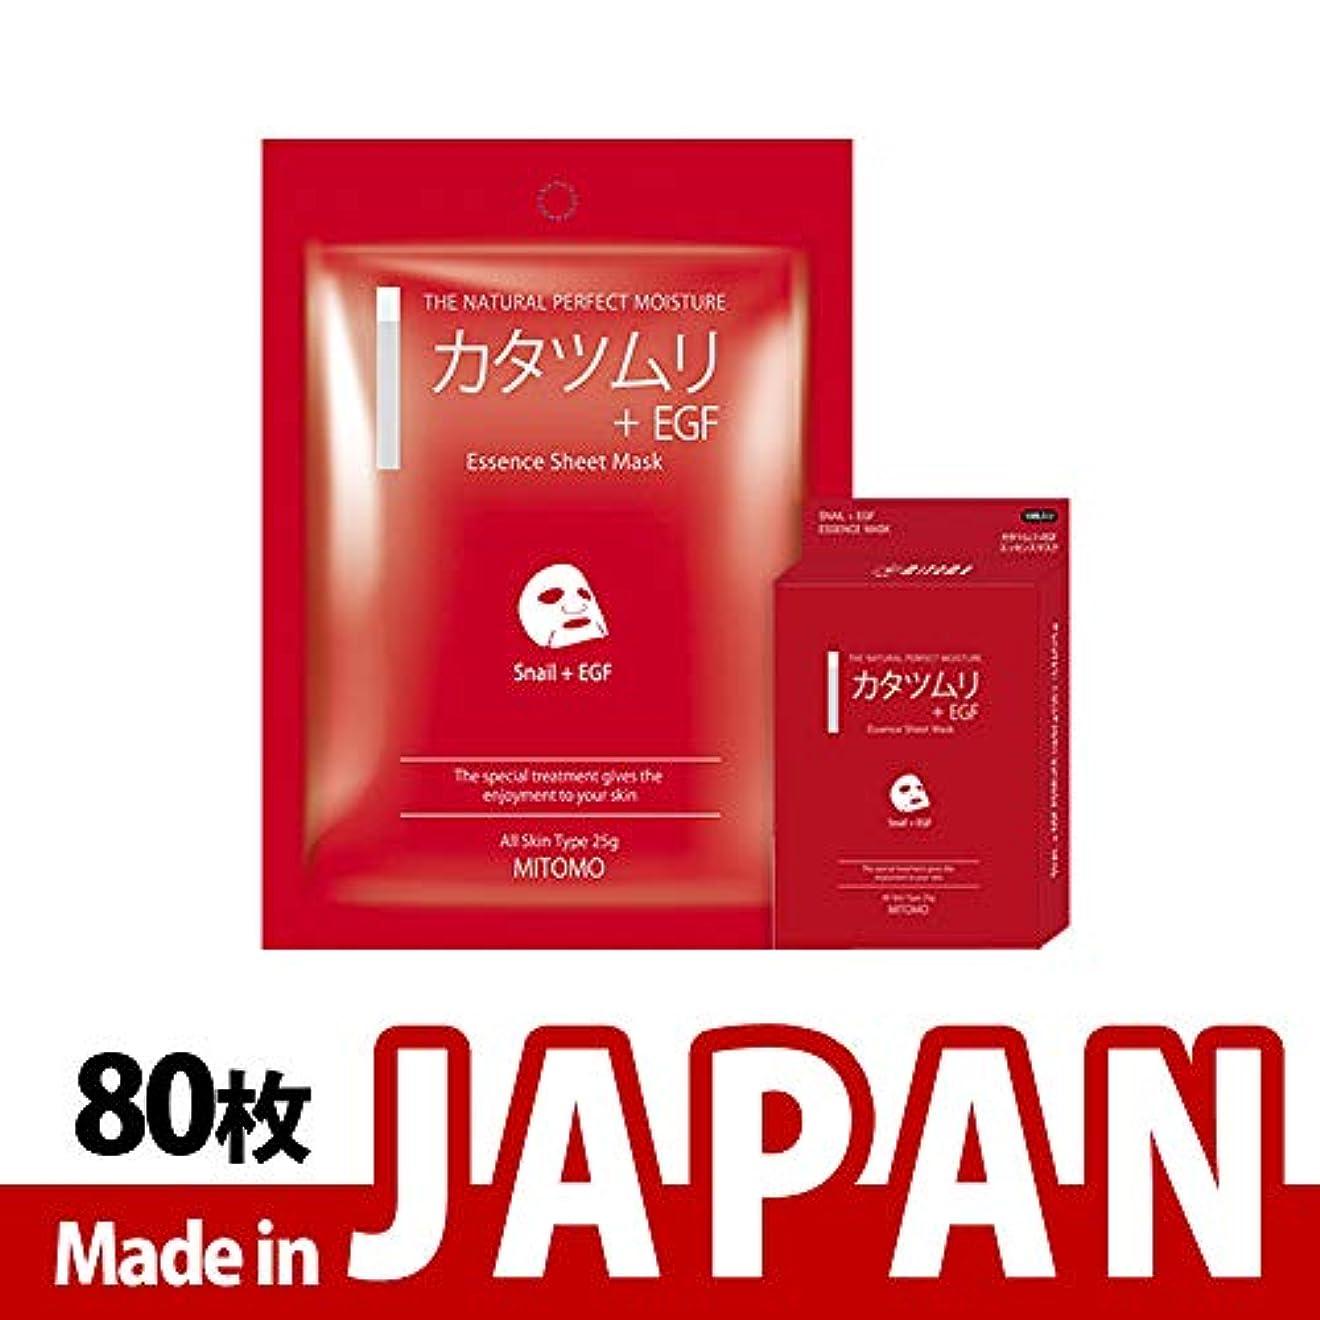 気性大通り債権者MITOMO【MC001-A-0】日本製シートマスク/10枚入り/80枚/美容液/マスクパック/送料無料